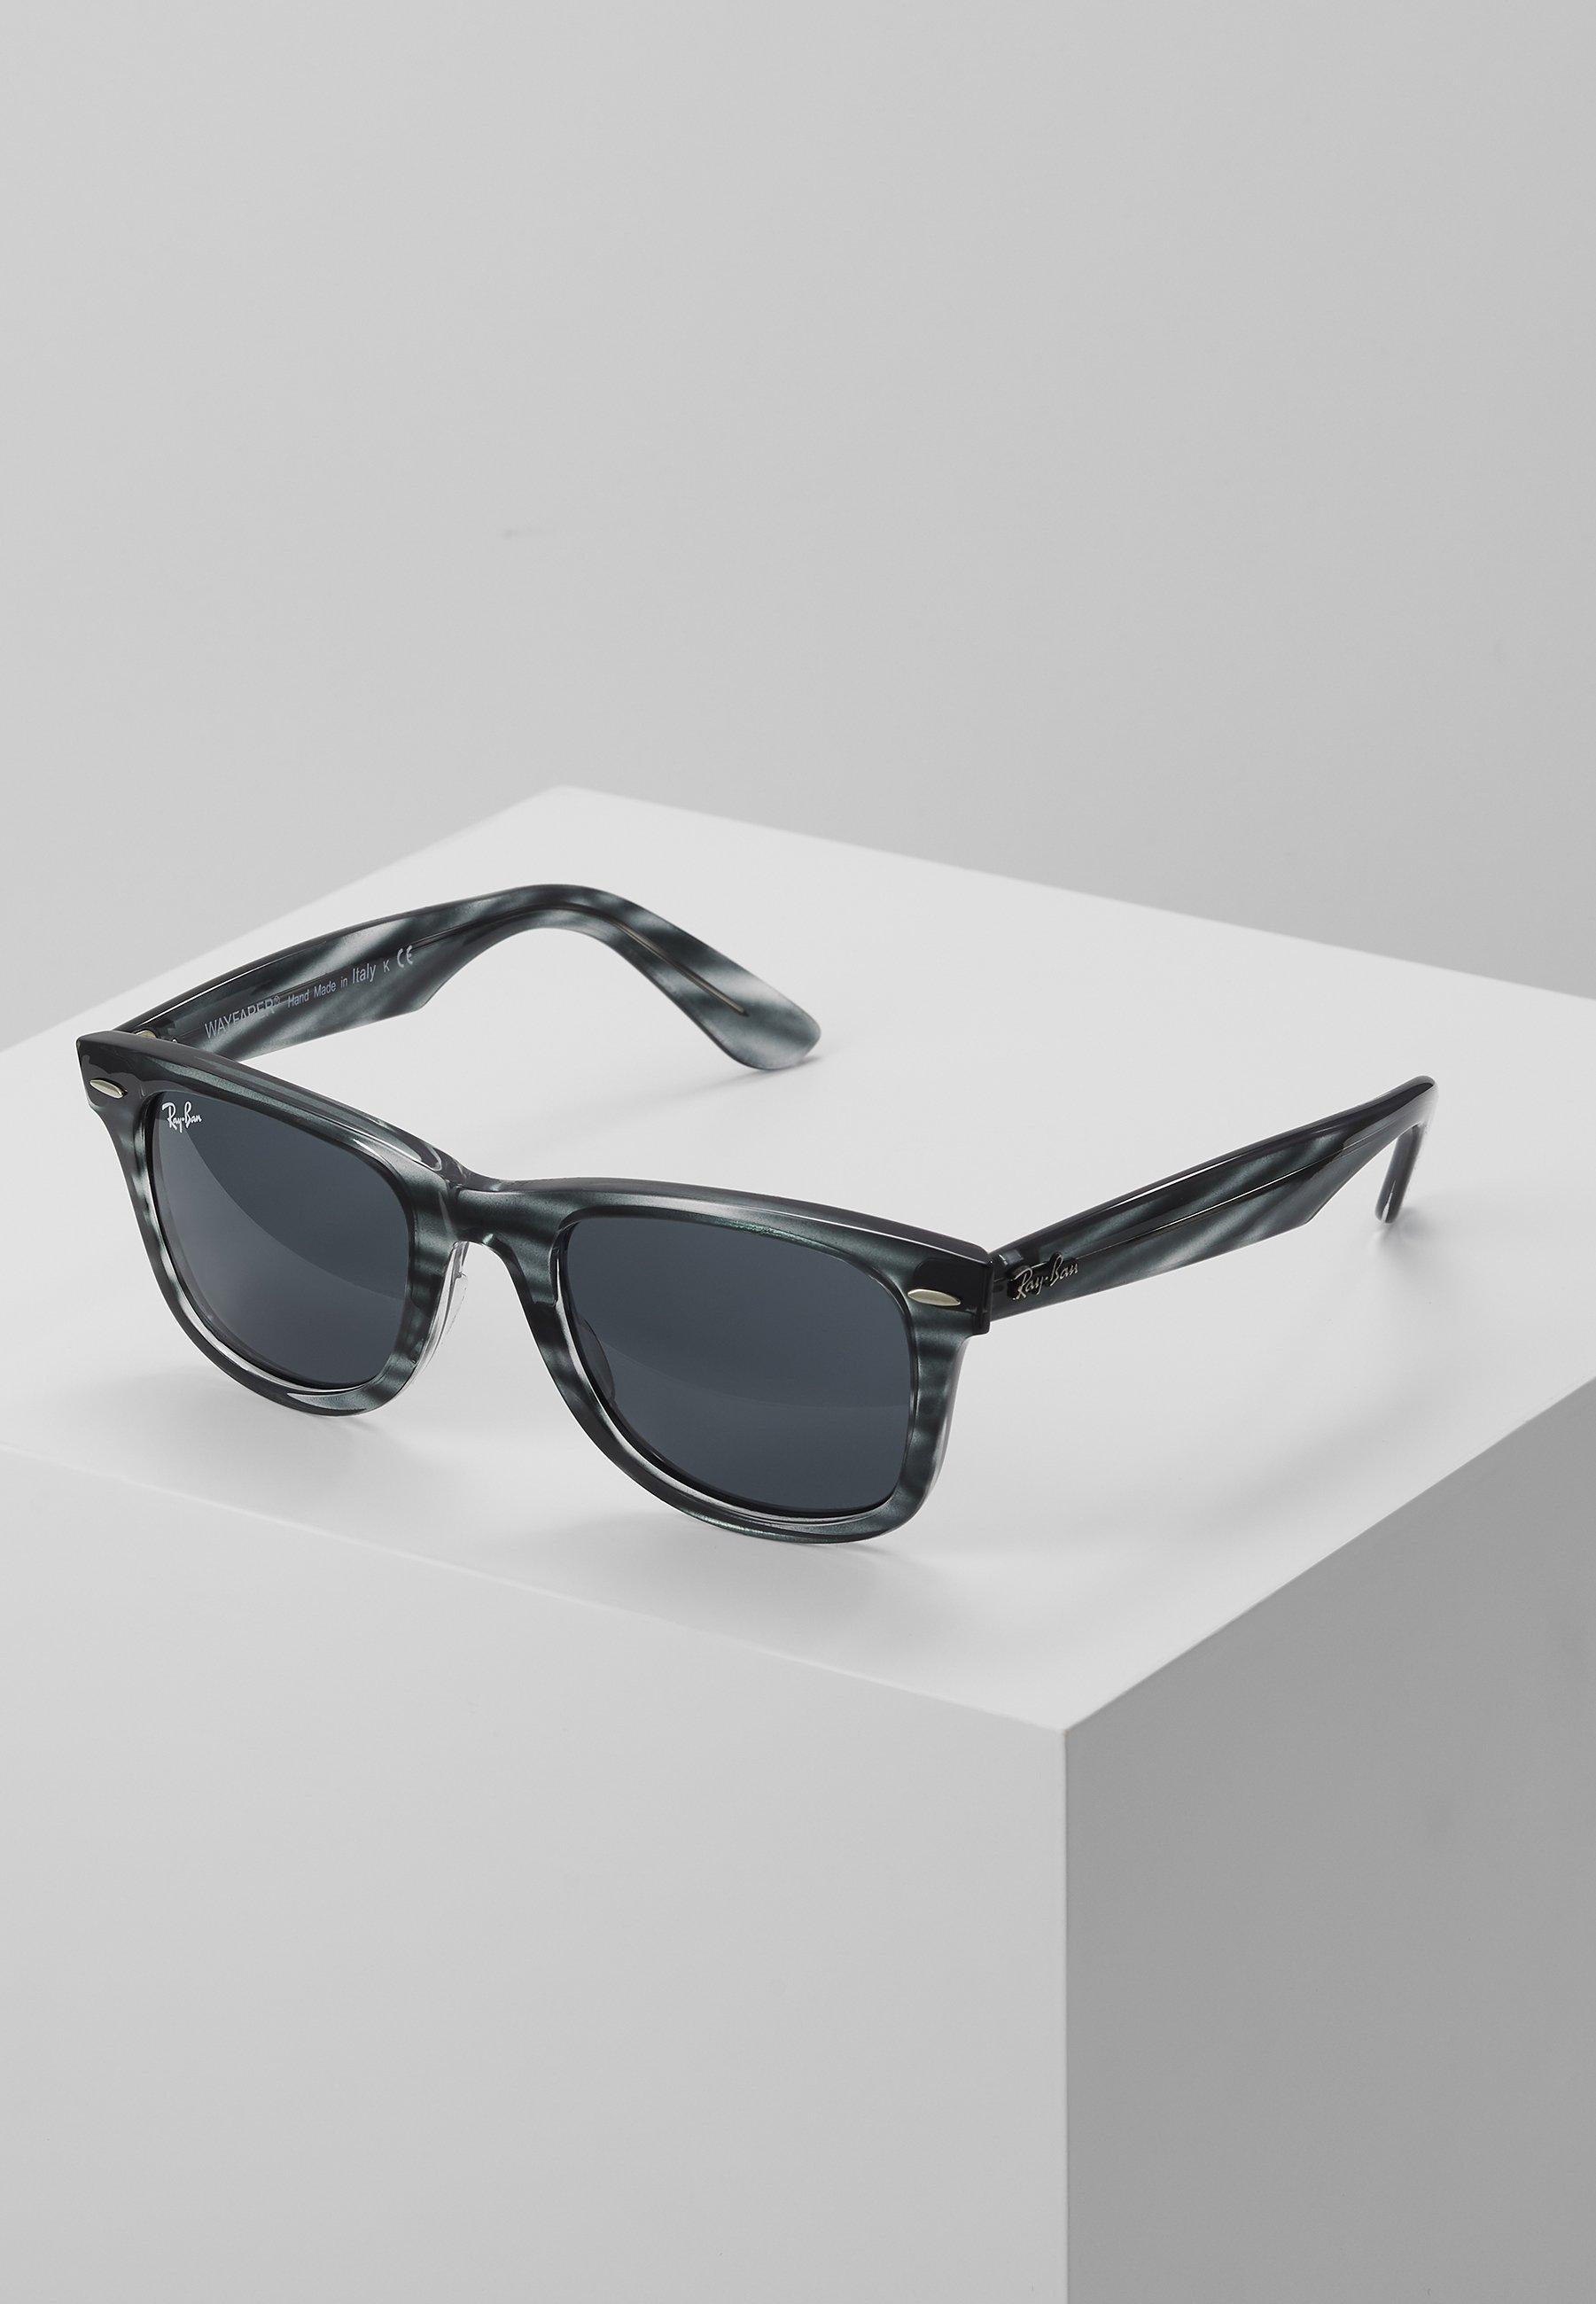 Último descuento Ray-Ban Gafas de sol - black | Complementos de hombre 2020 Pux5i